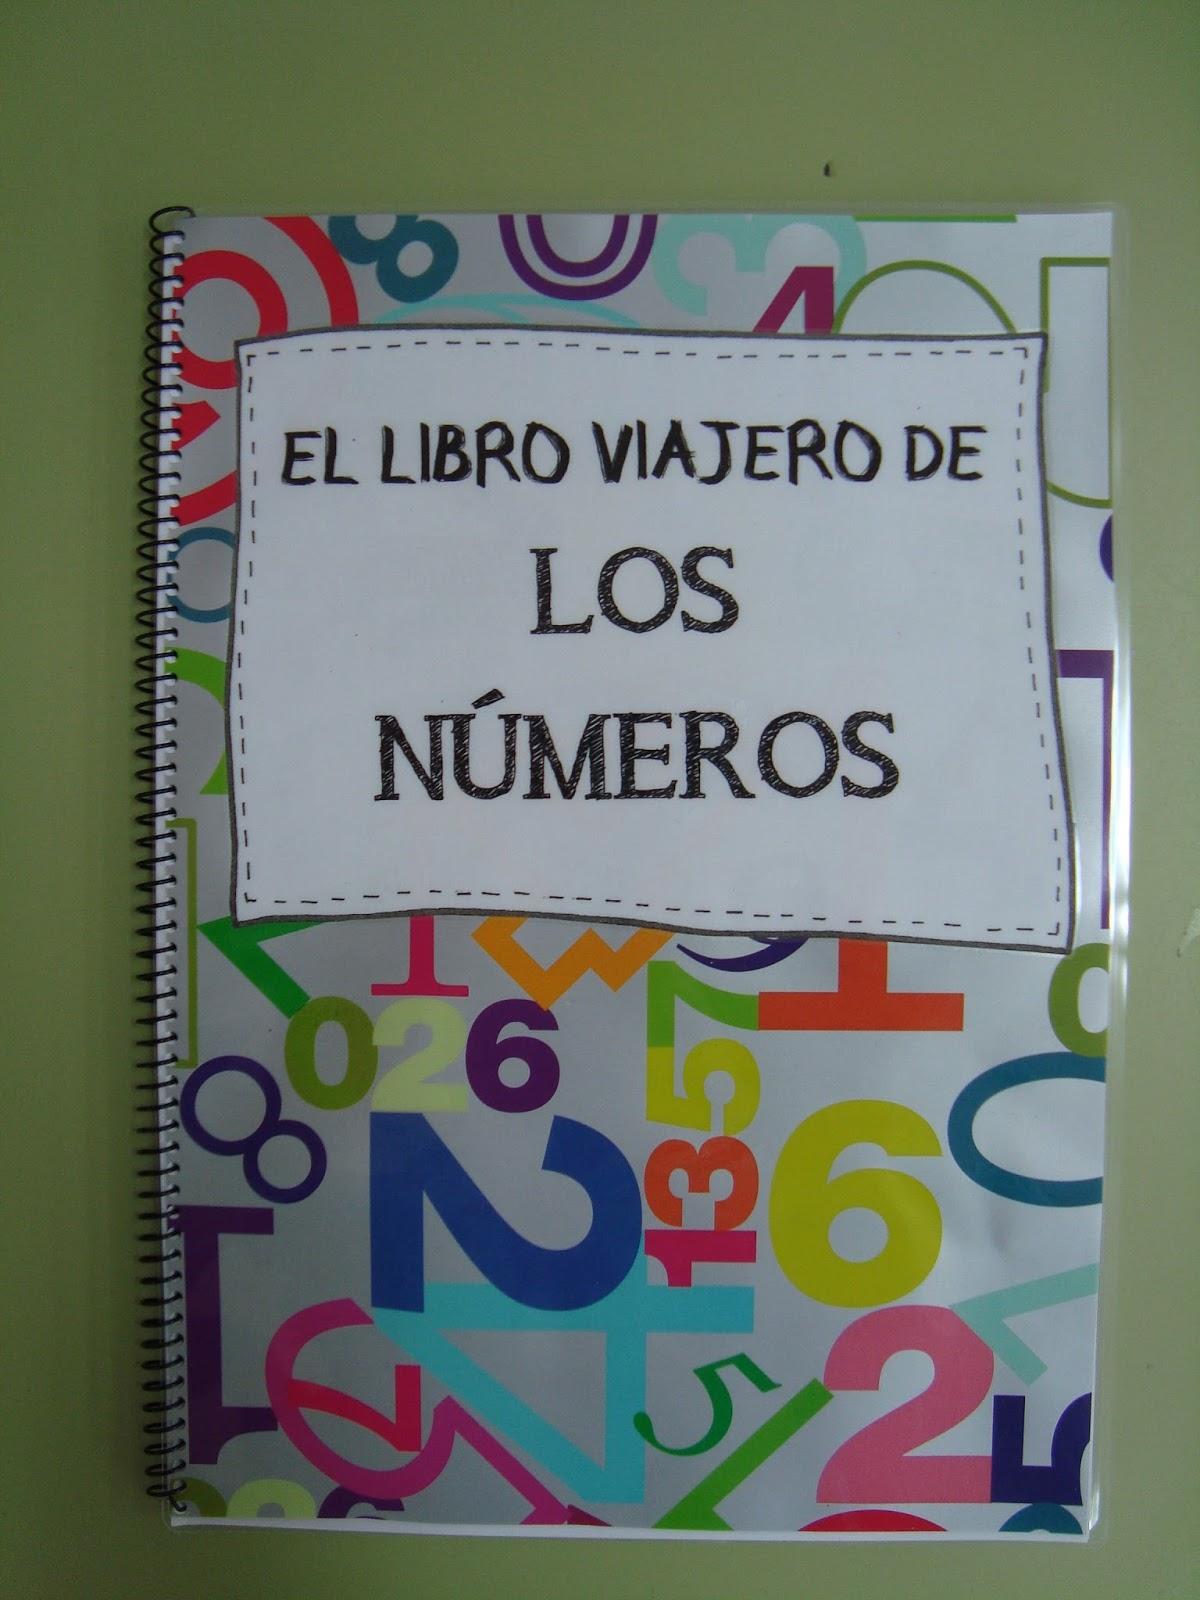 Plastificando ilusiones el libro viajero de los n meros - Ideas libro viajero infantil ...